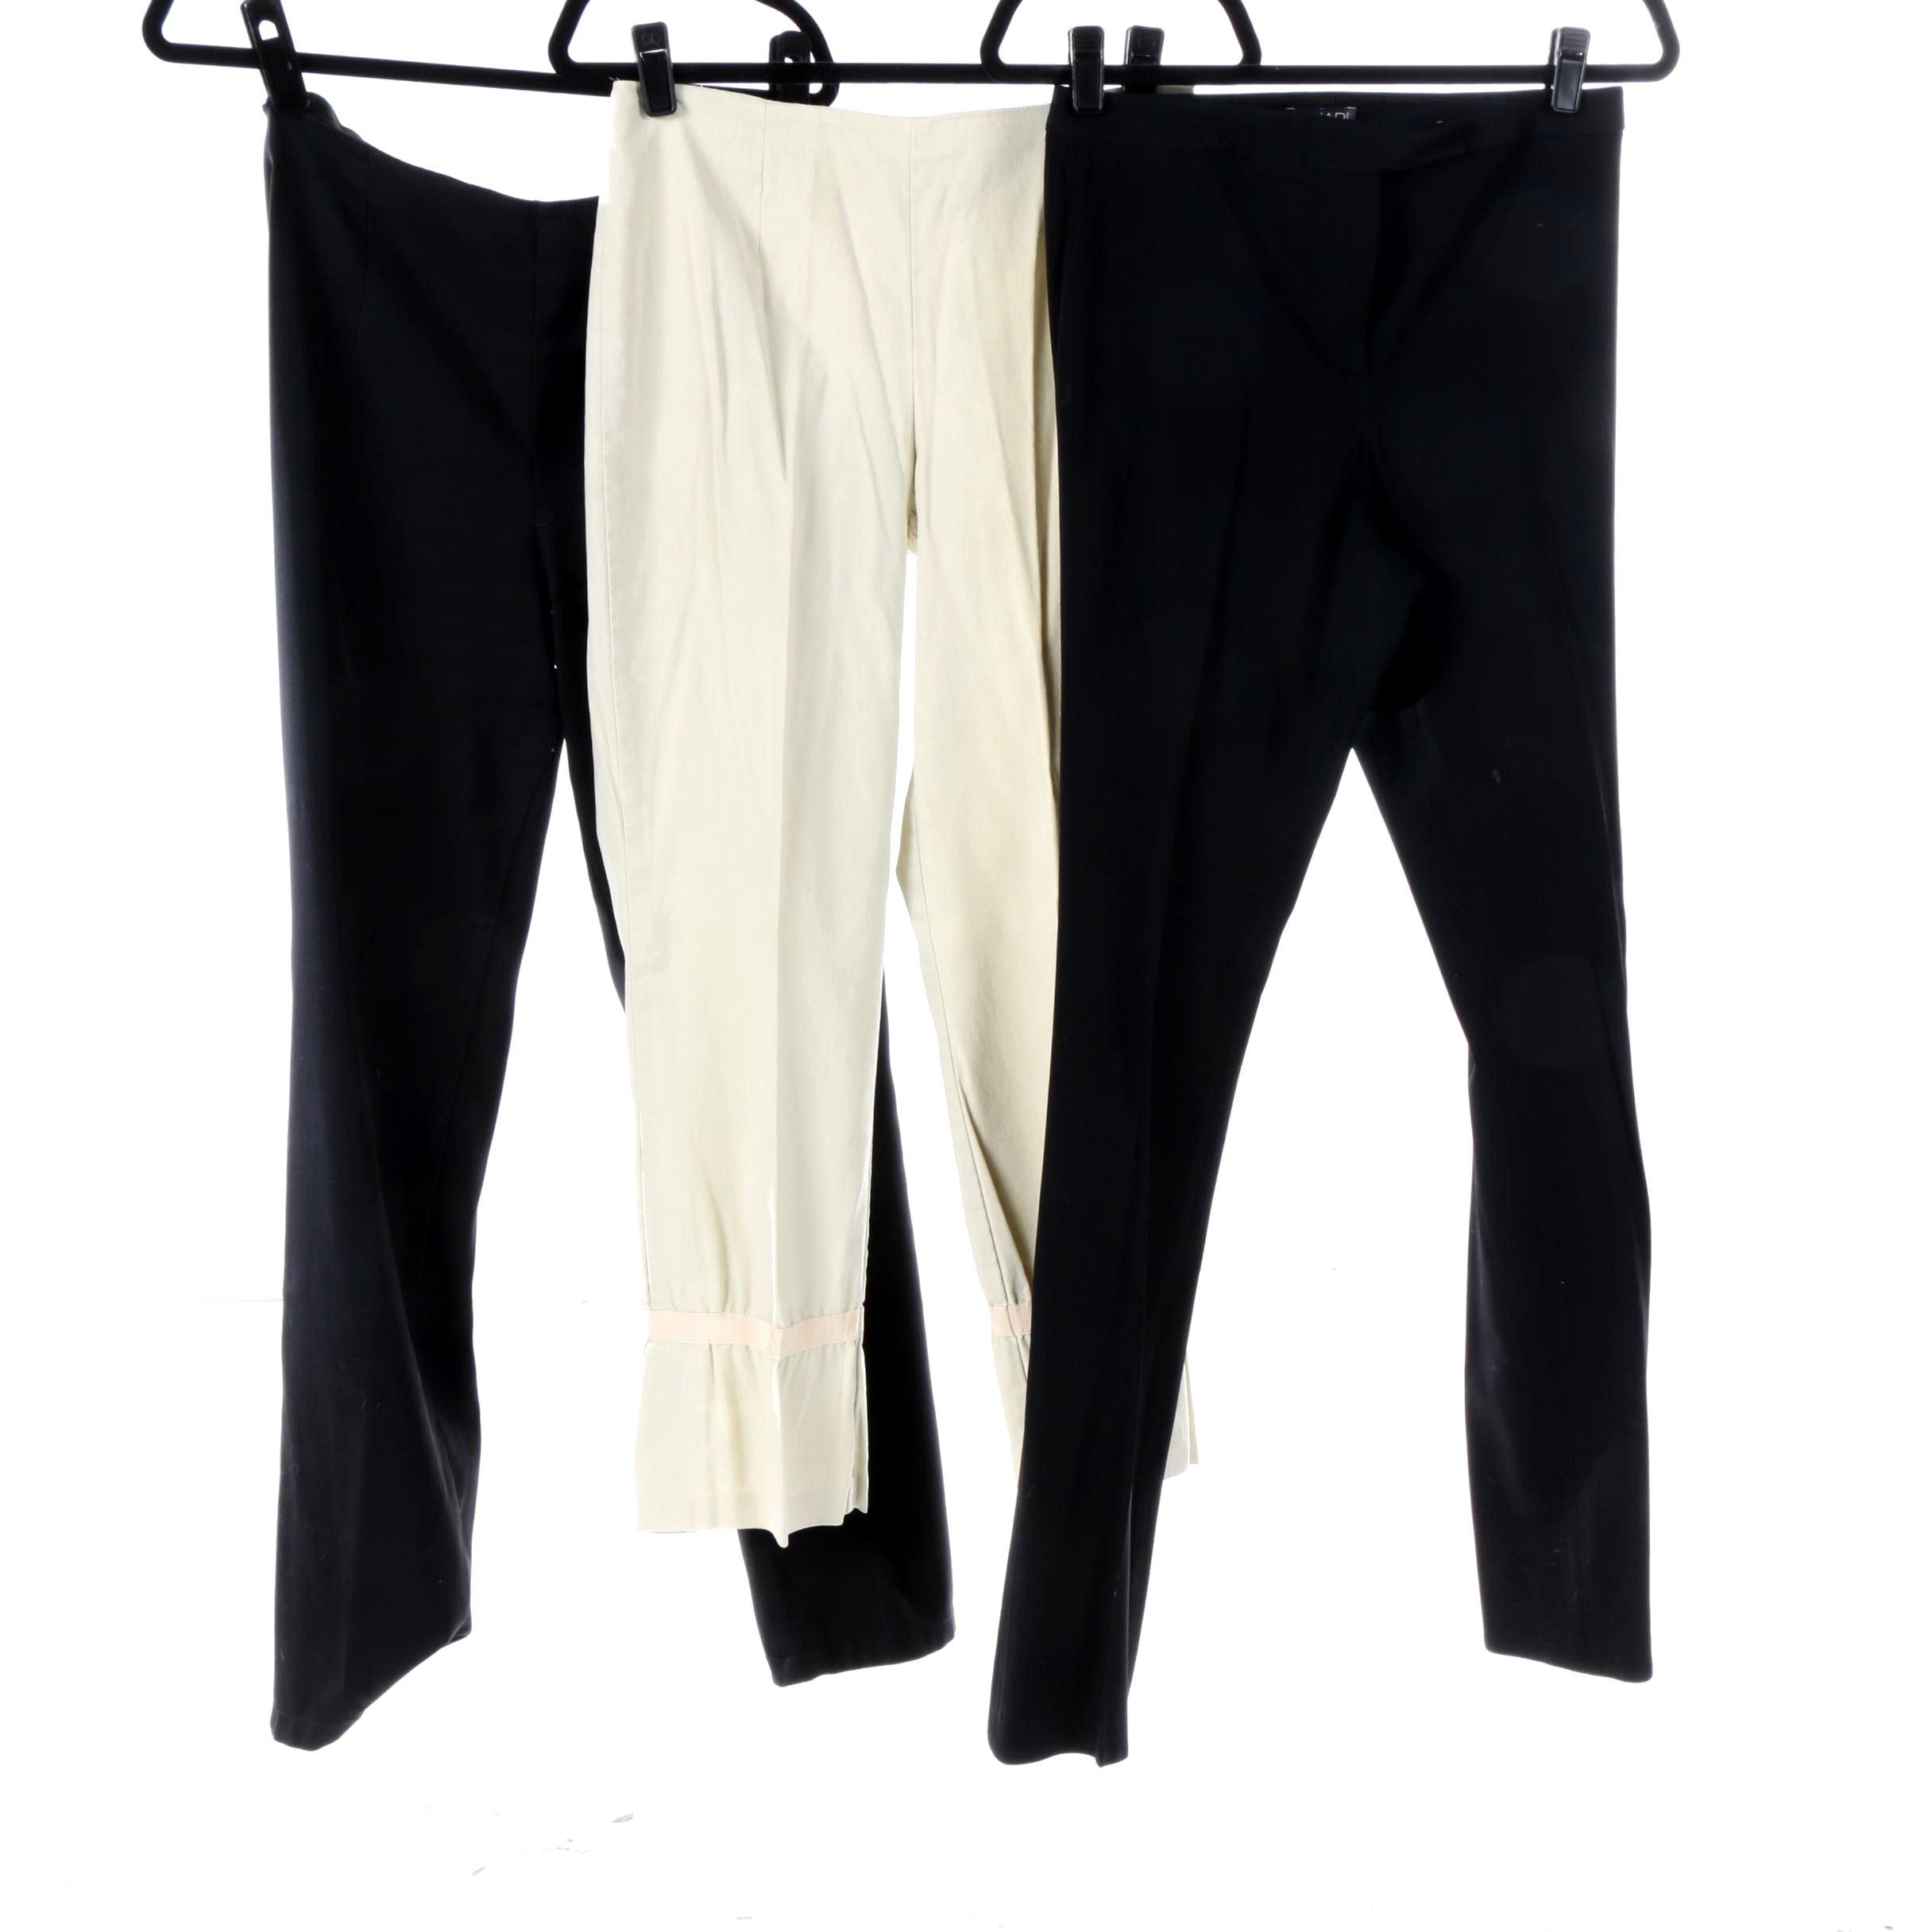 Women's Pants Including Tahari